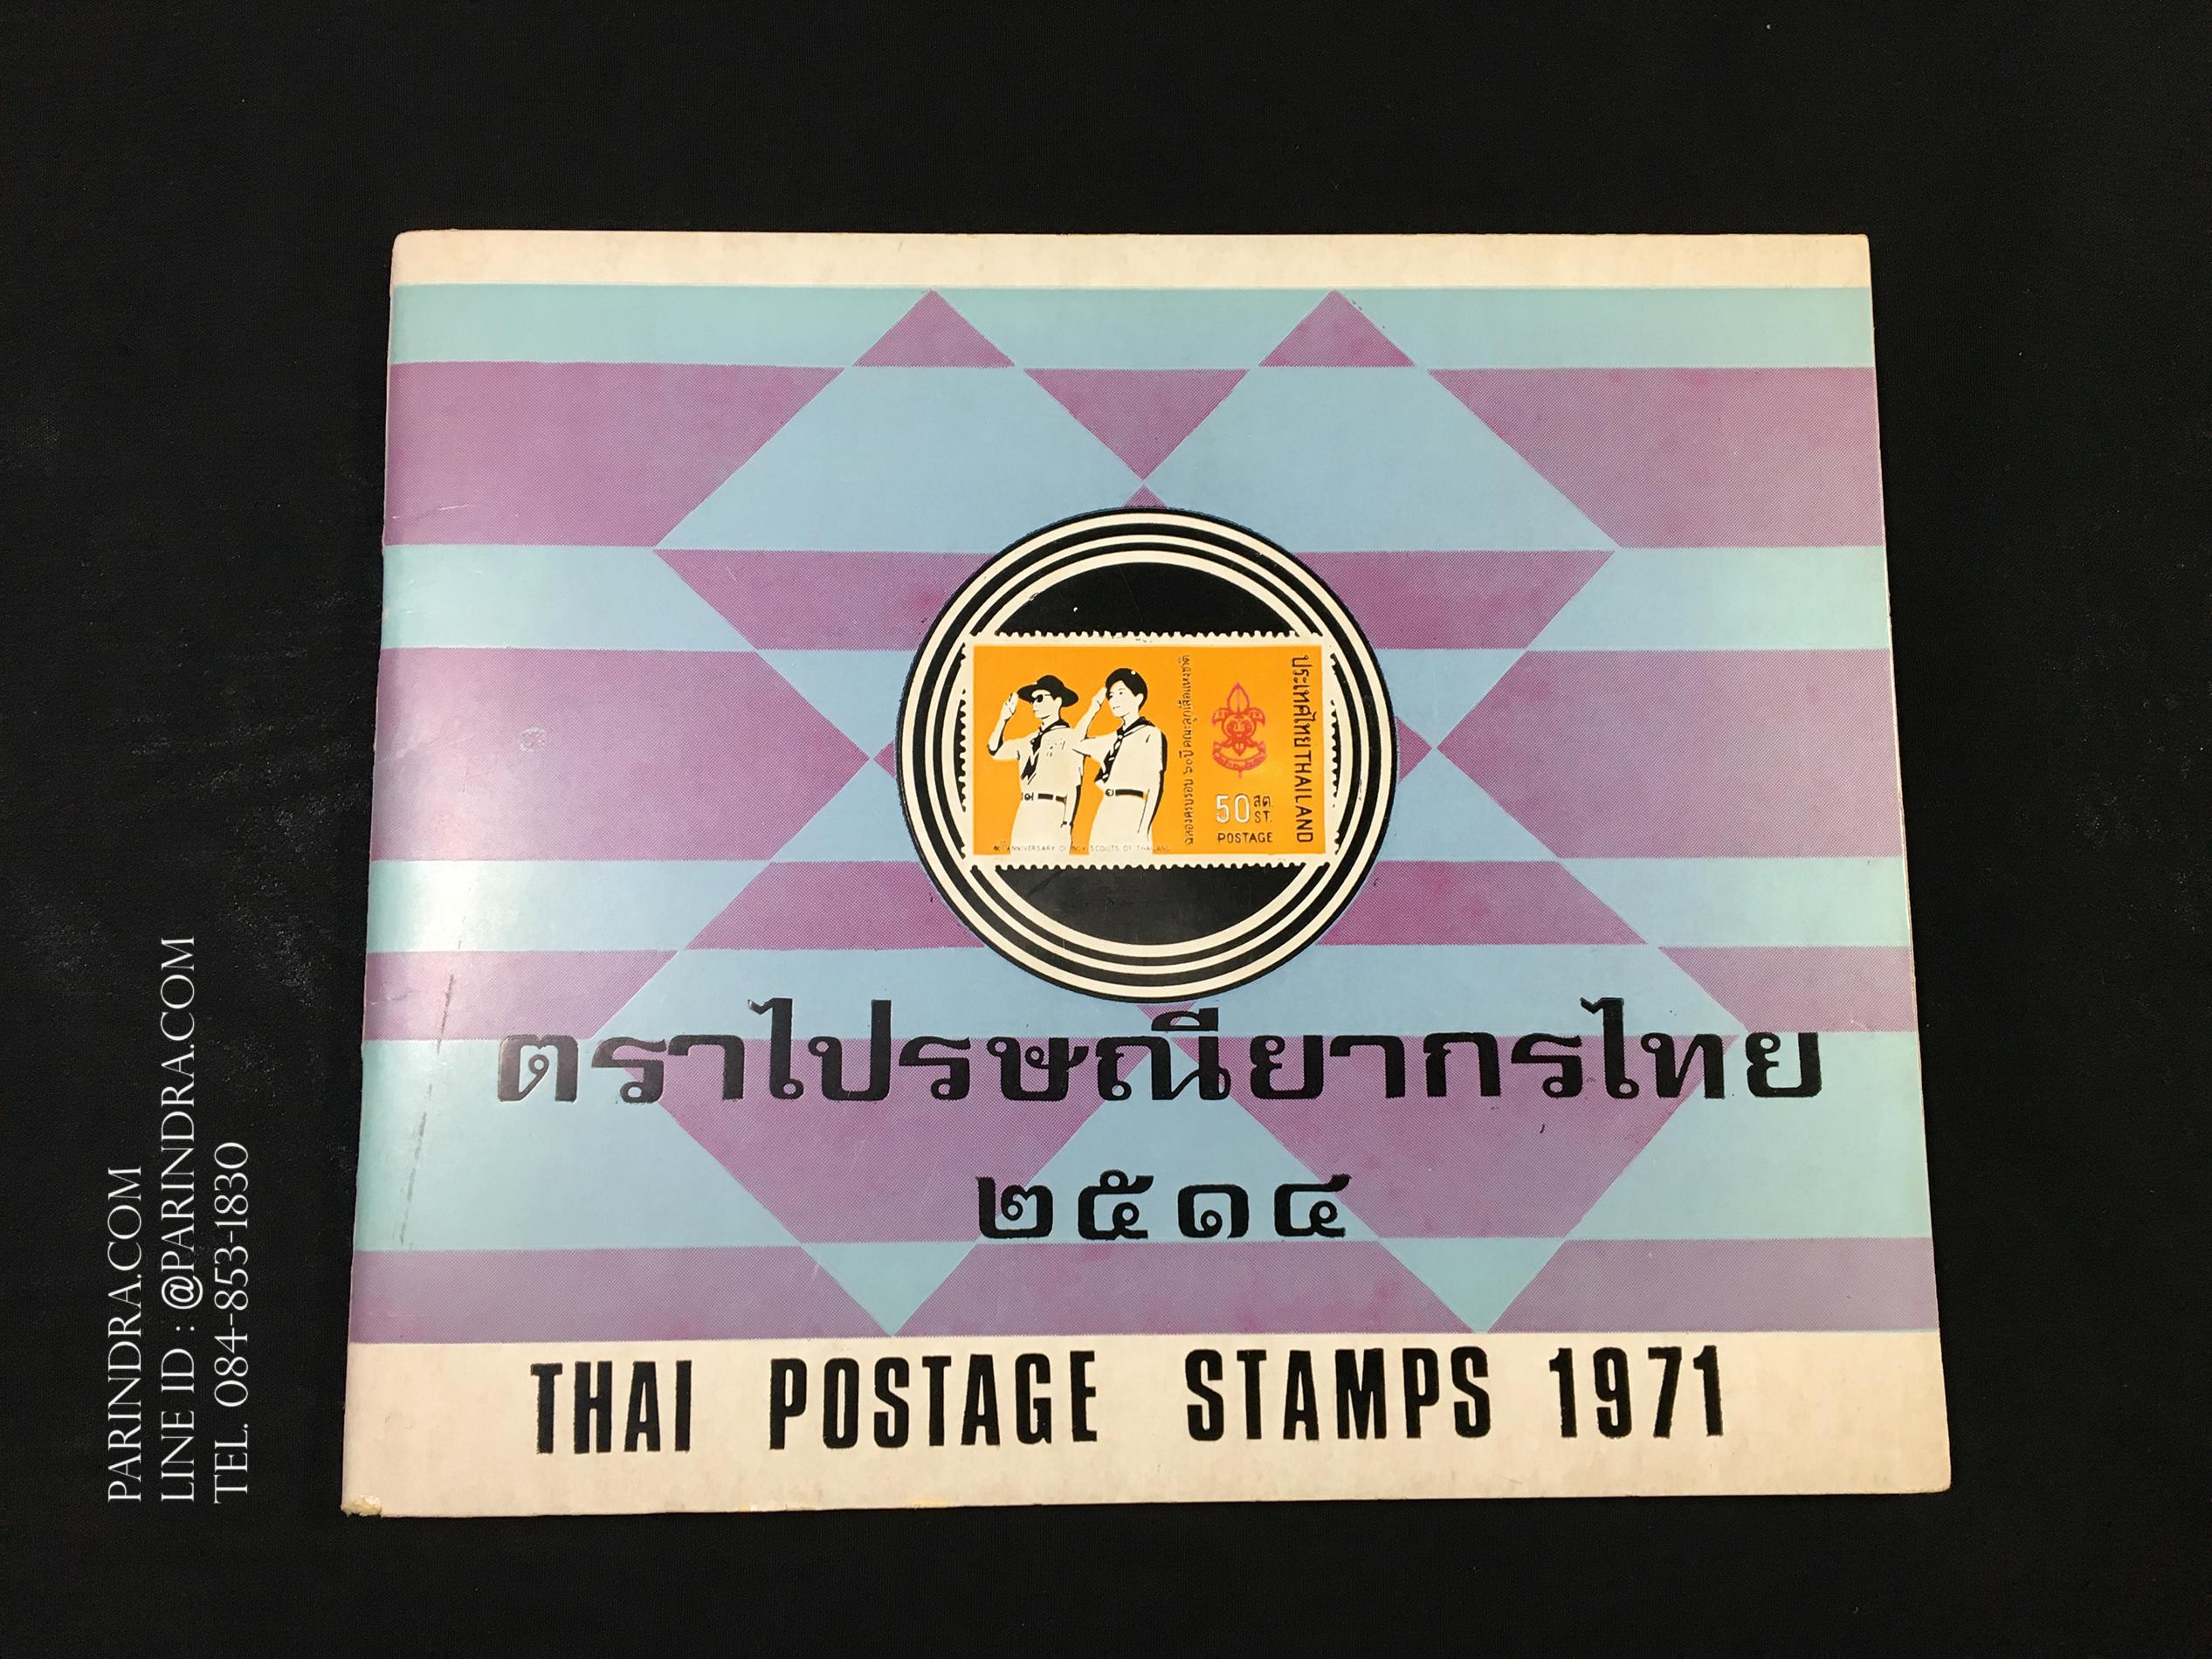 สมุดตราไปรษณียากรไทย ประจำปี 2514